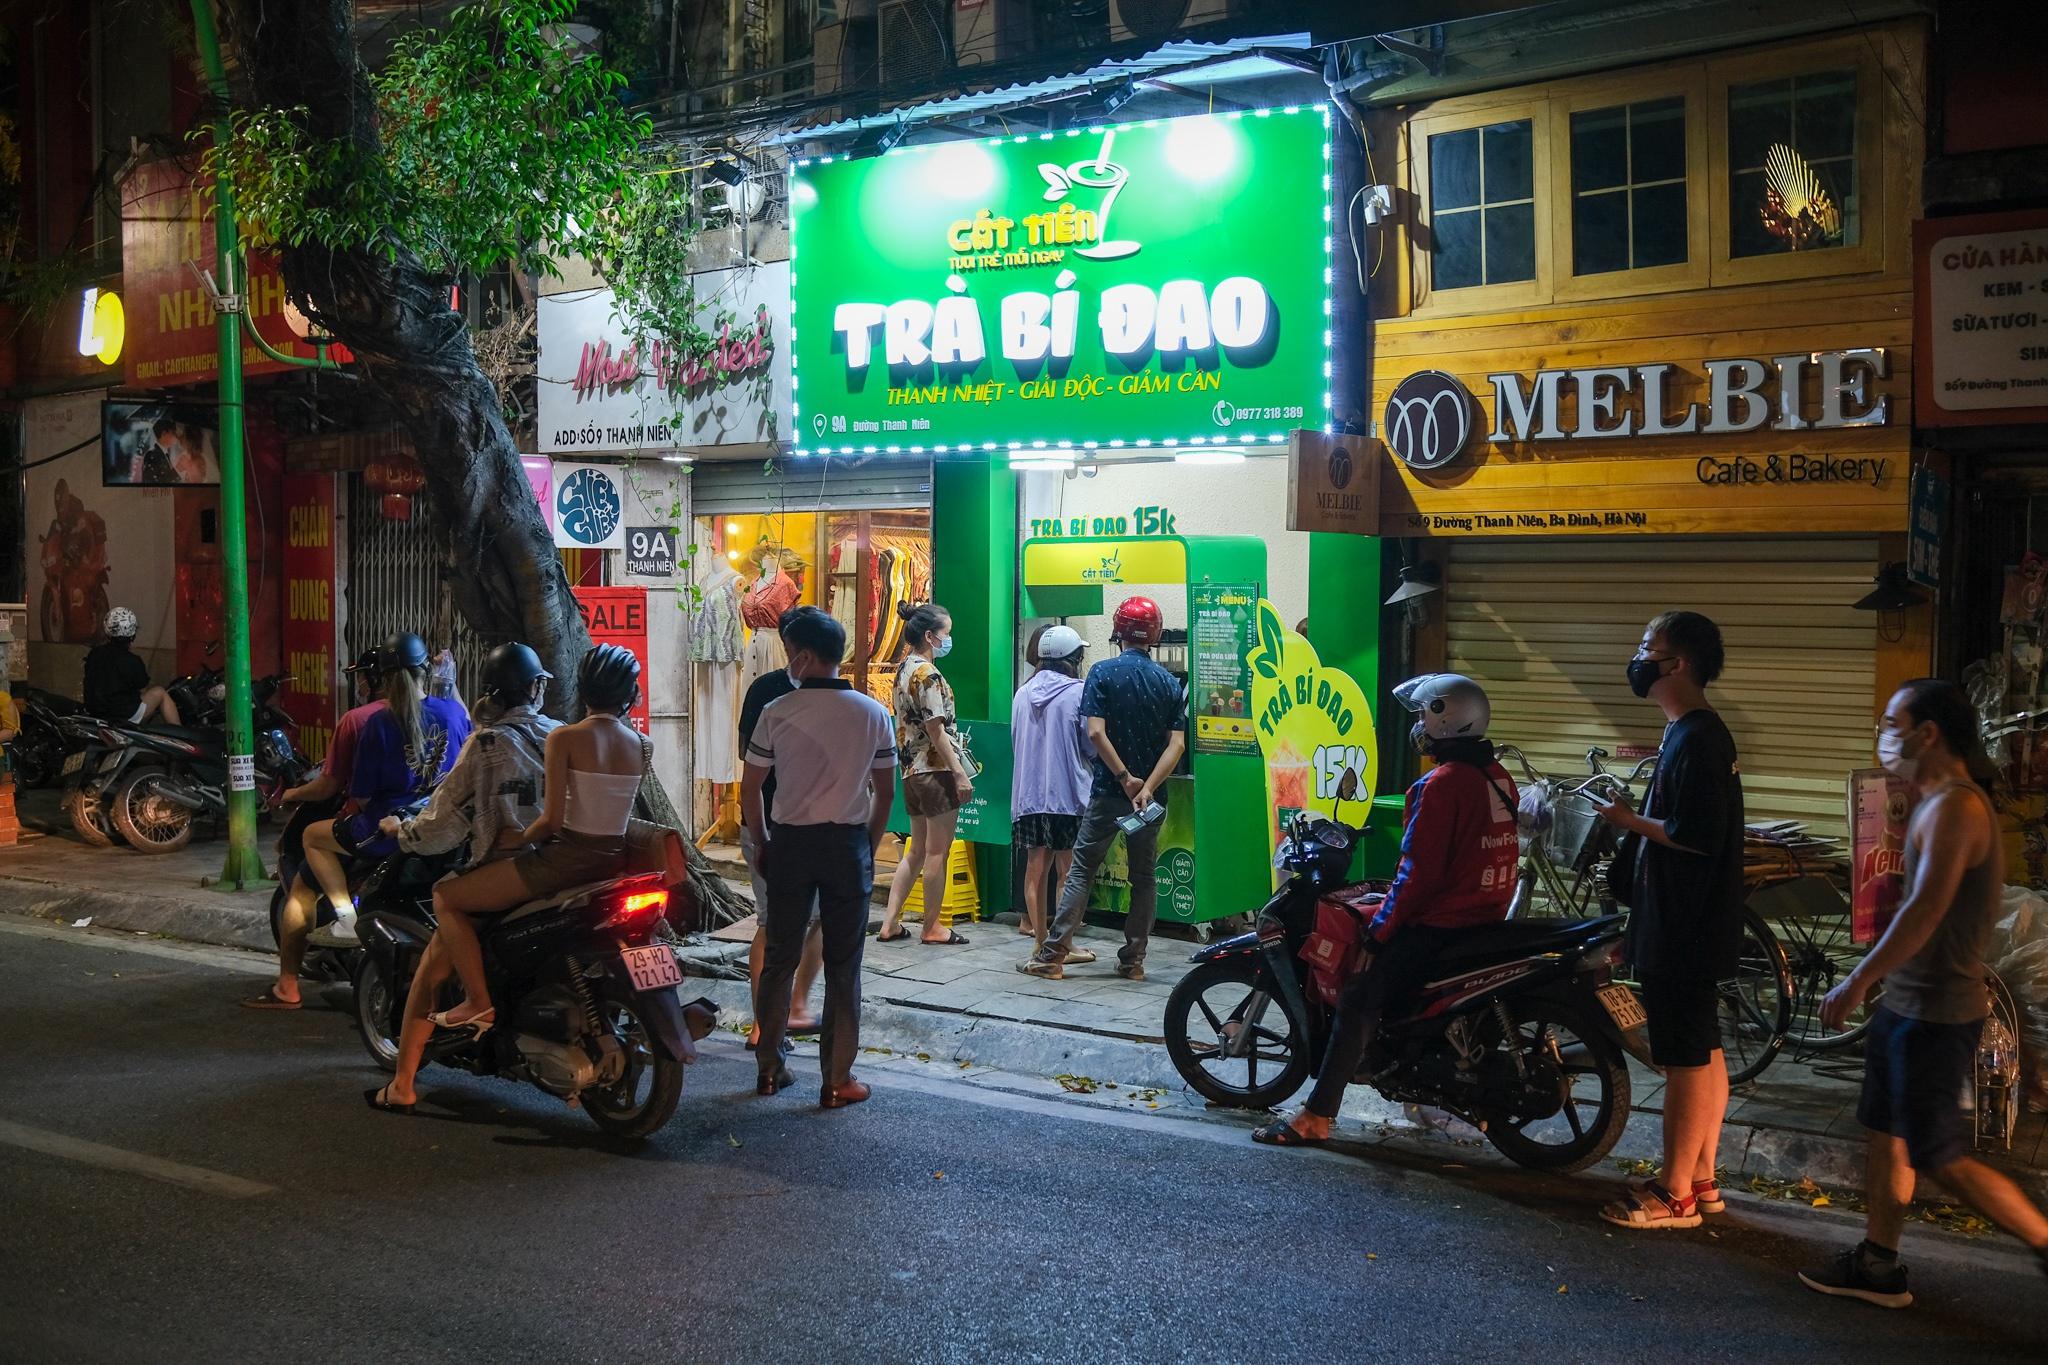 Bán mang về 1.000 cốc trà bí đao mỗi ngày ở Hà Nội - ảnh 5